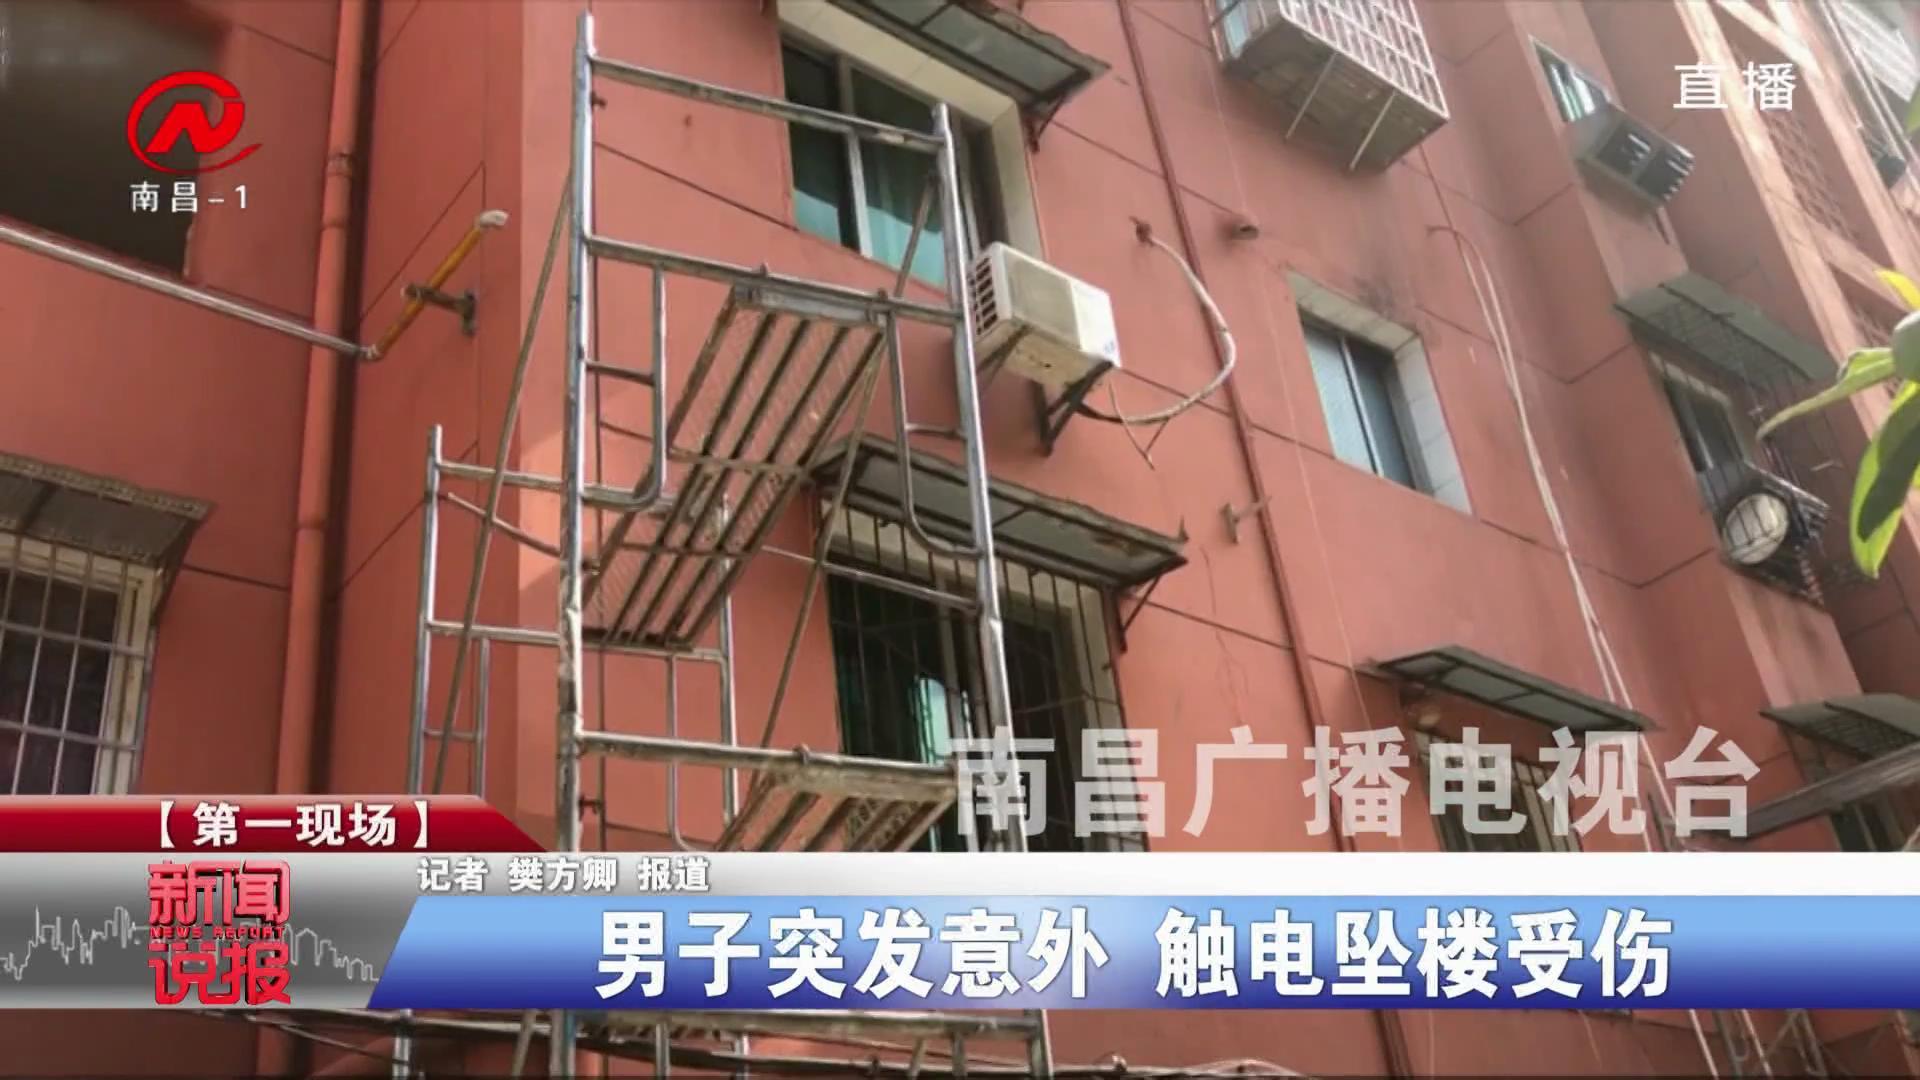 男子突发意外  触电坠楼受伤